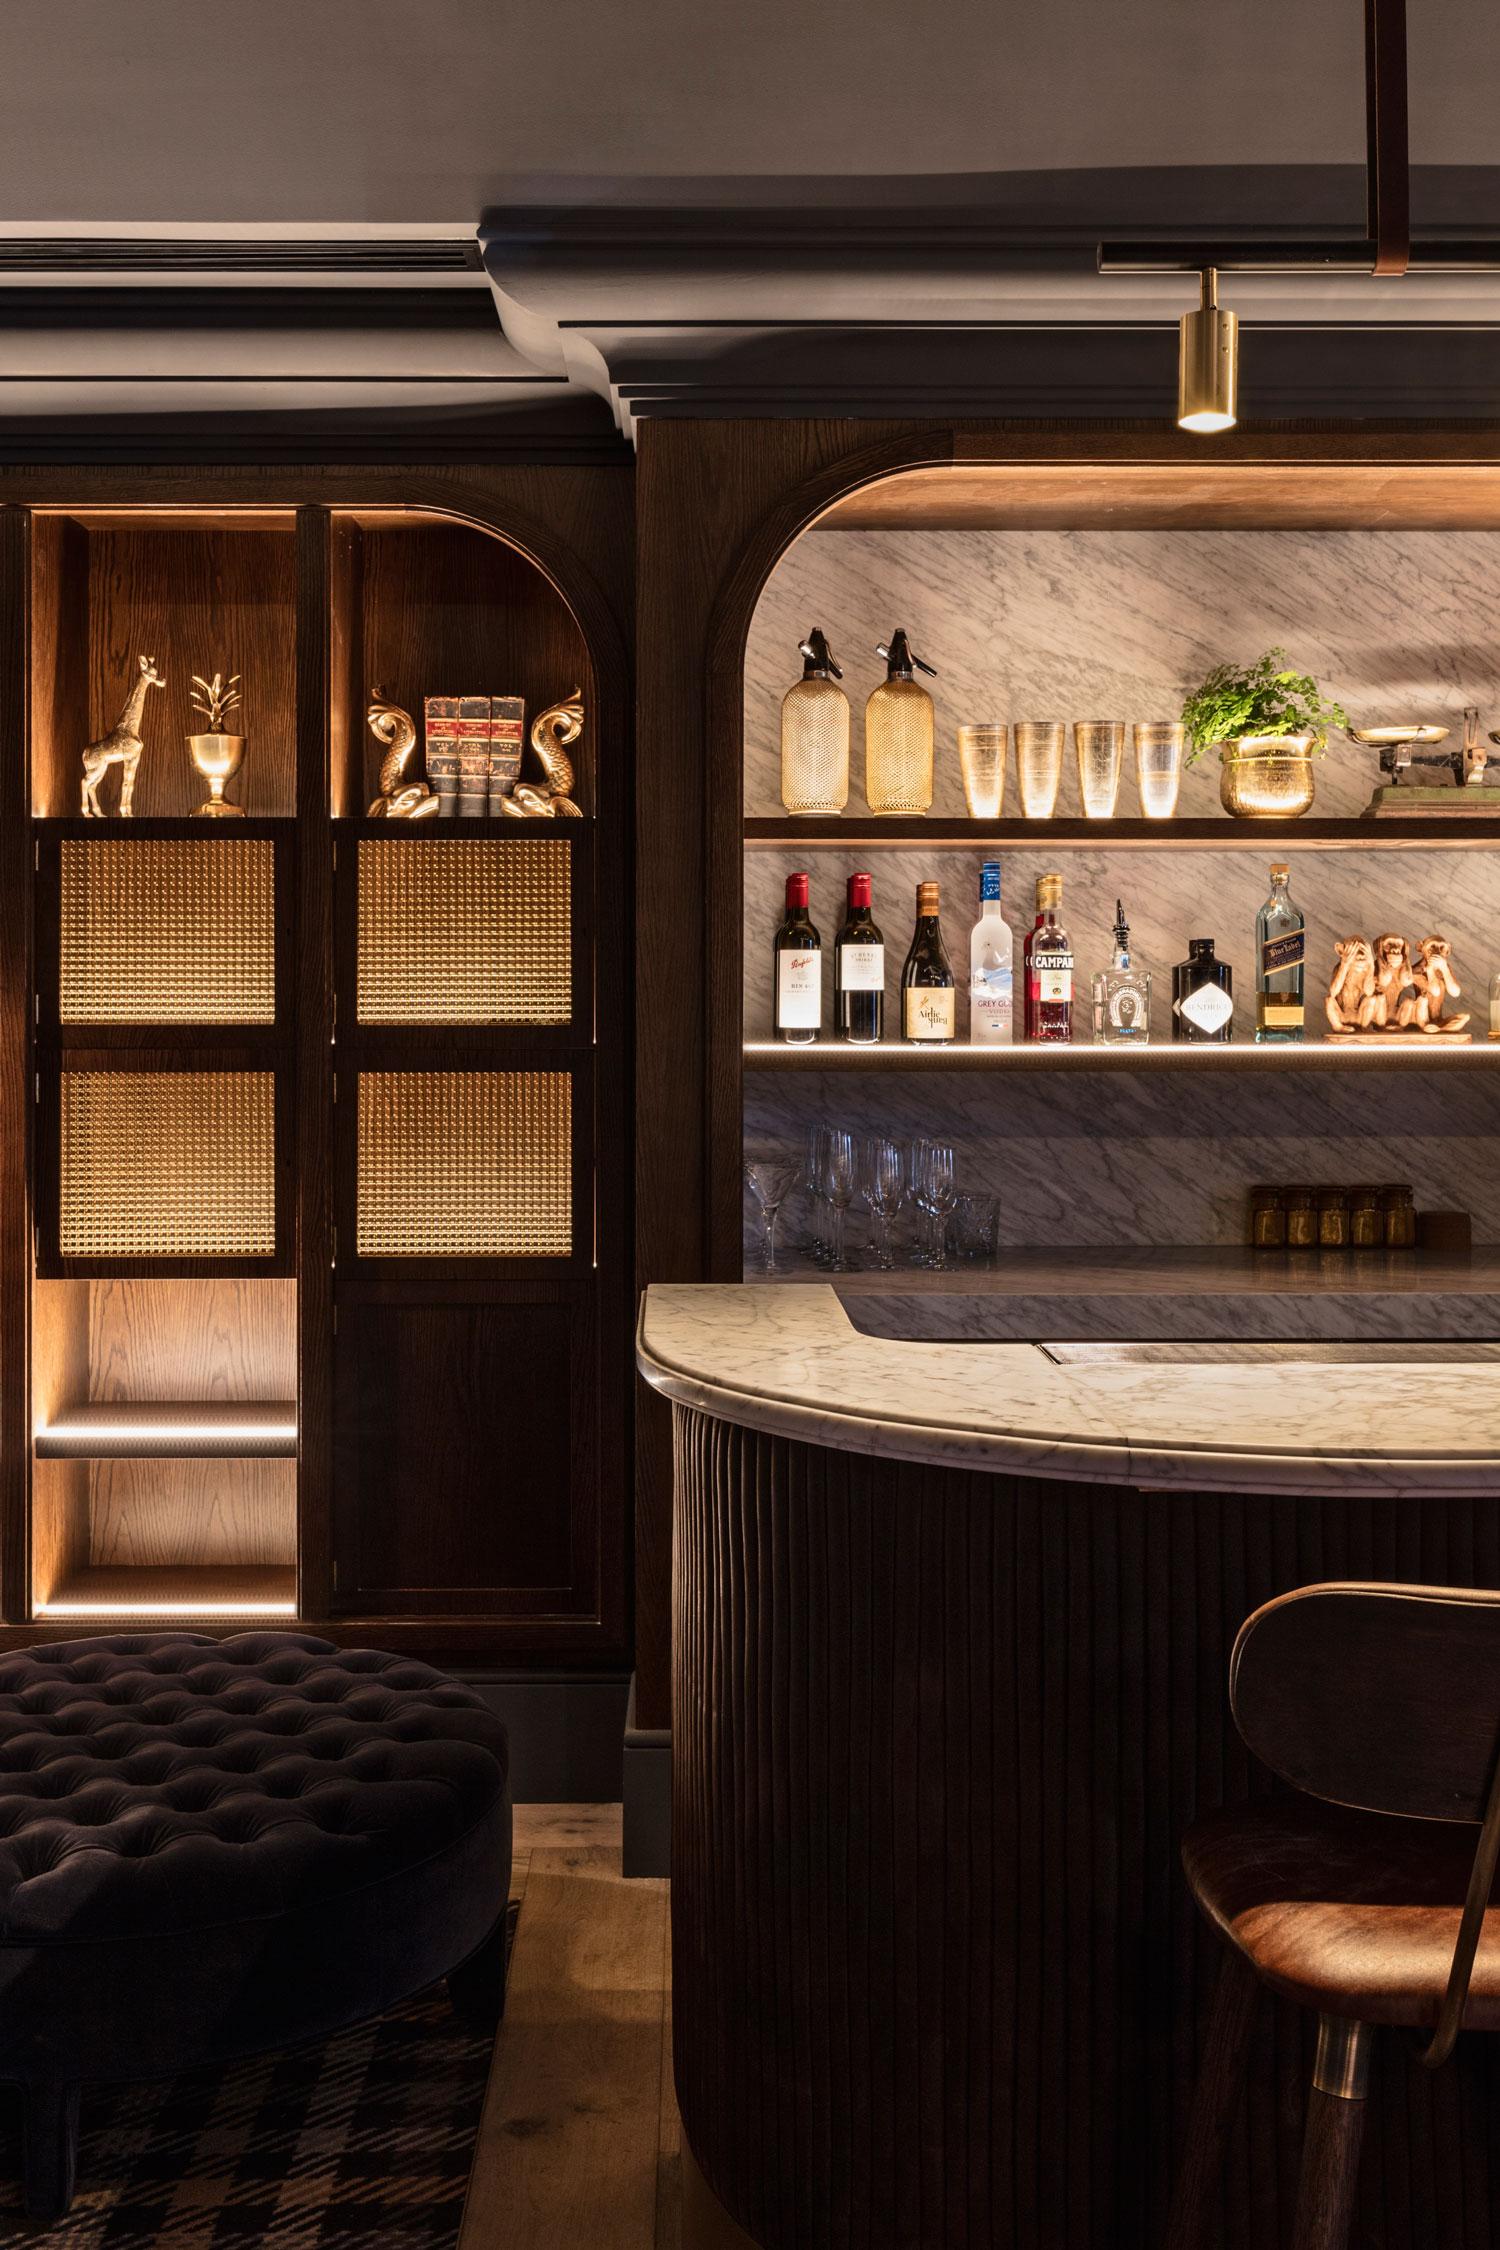 Buena Vista Hotel In Mosman By Sjb Interiros Amp Tess Regan